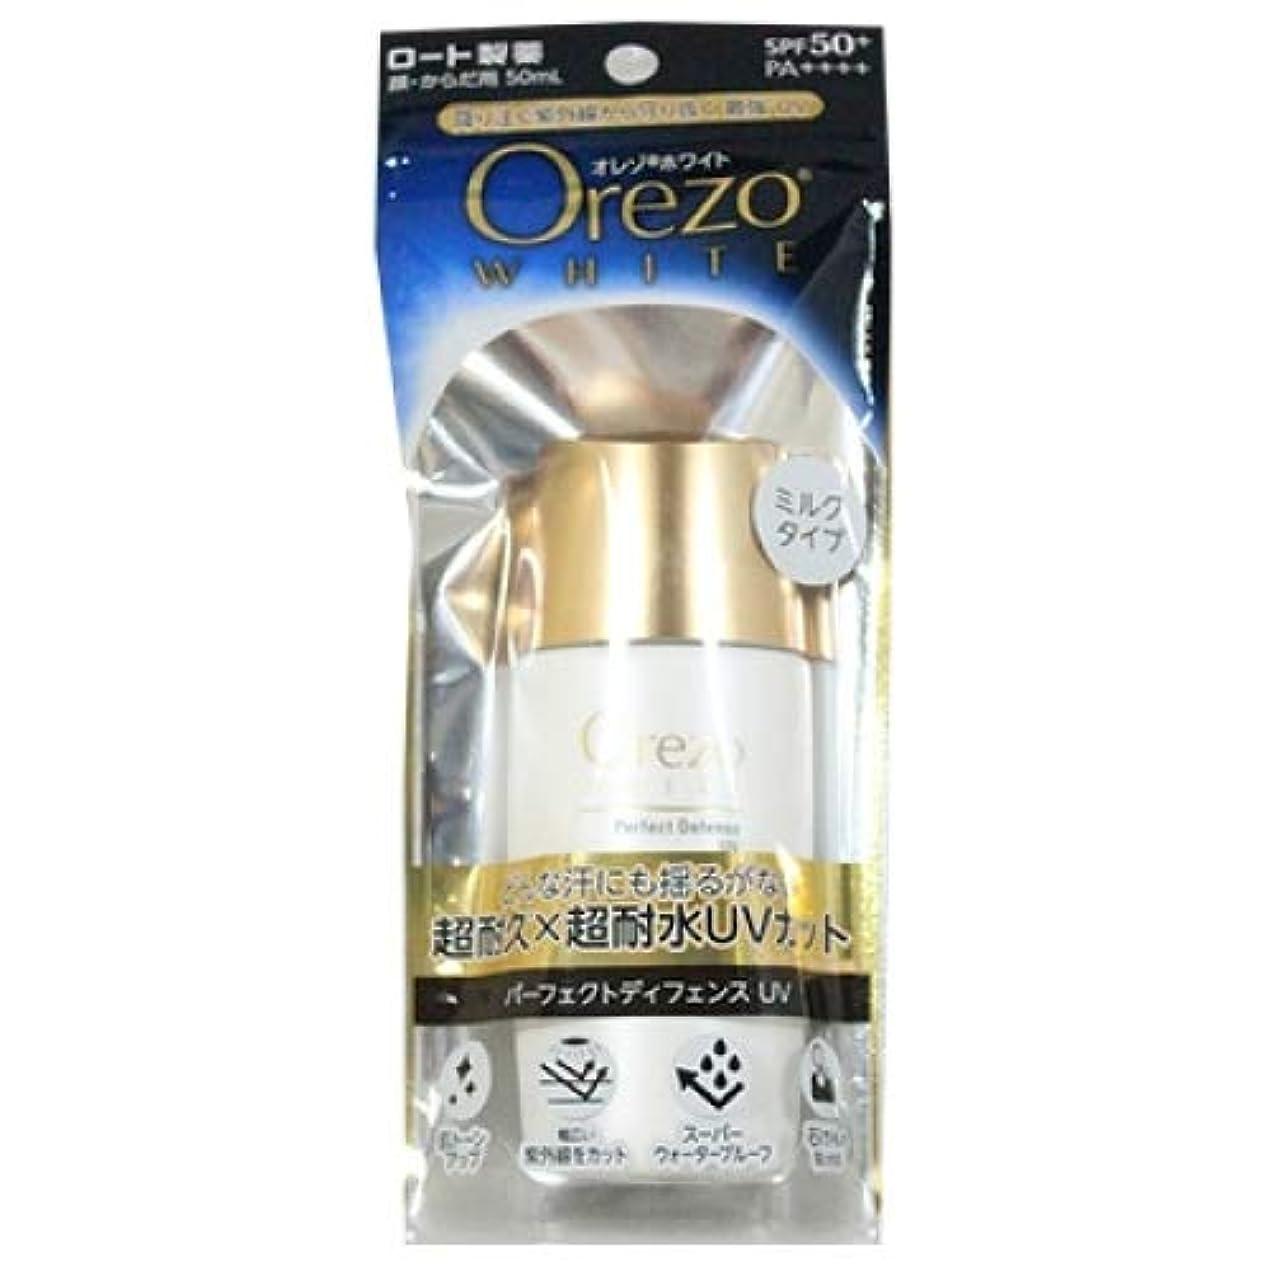 感謝祭子供っぽい退屈させるロート製薬 Orezo オレゾ ホワイト パーフェクトディフェンスUVa SPF50+ PA++++ (50mL)